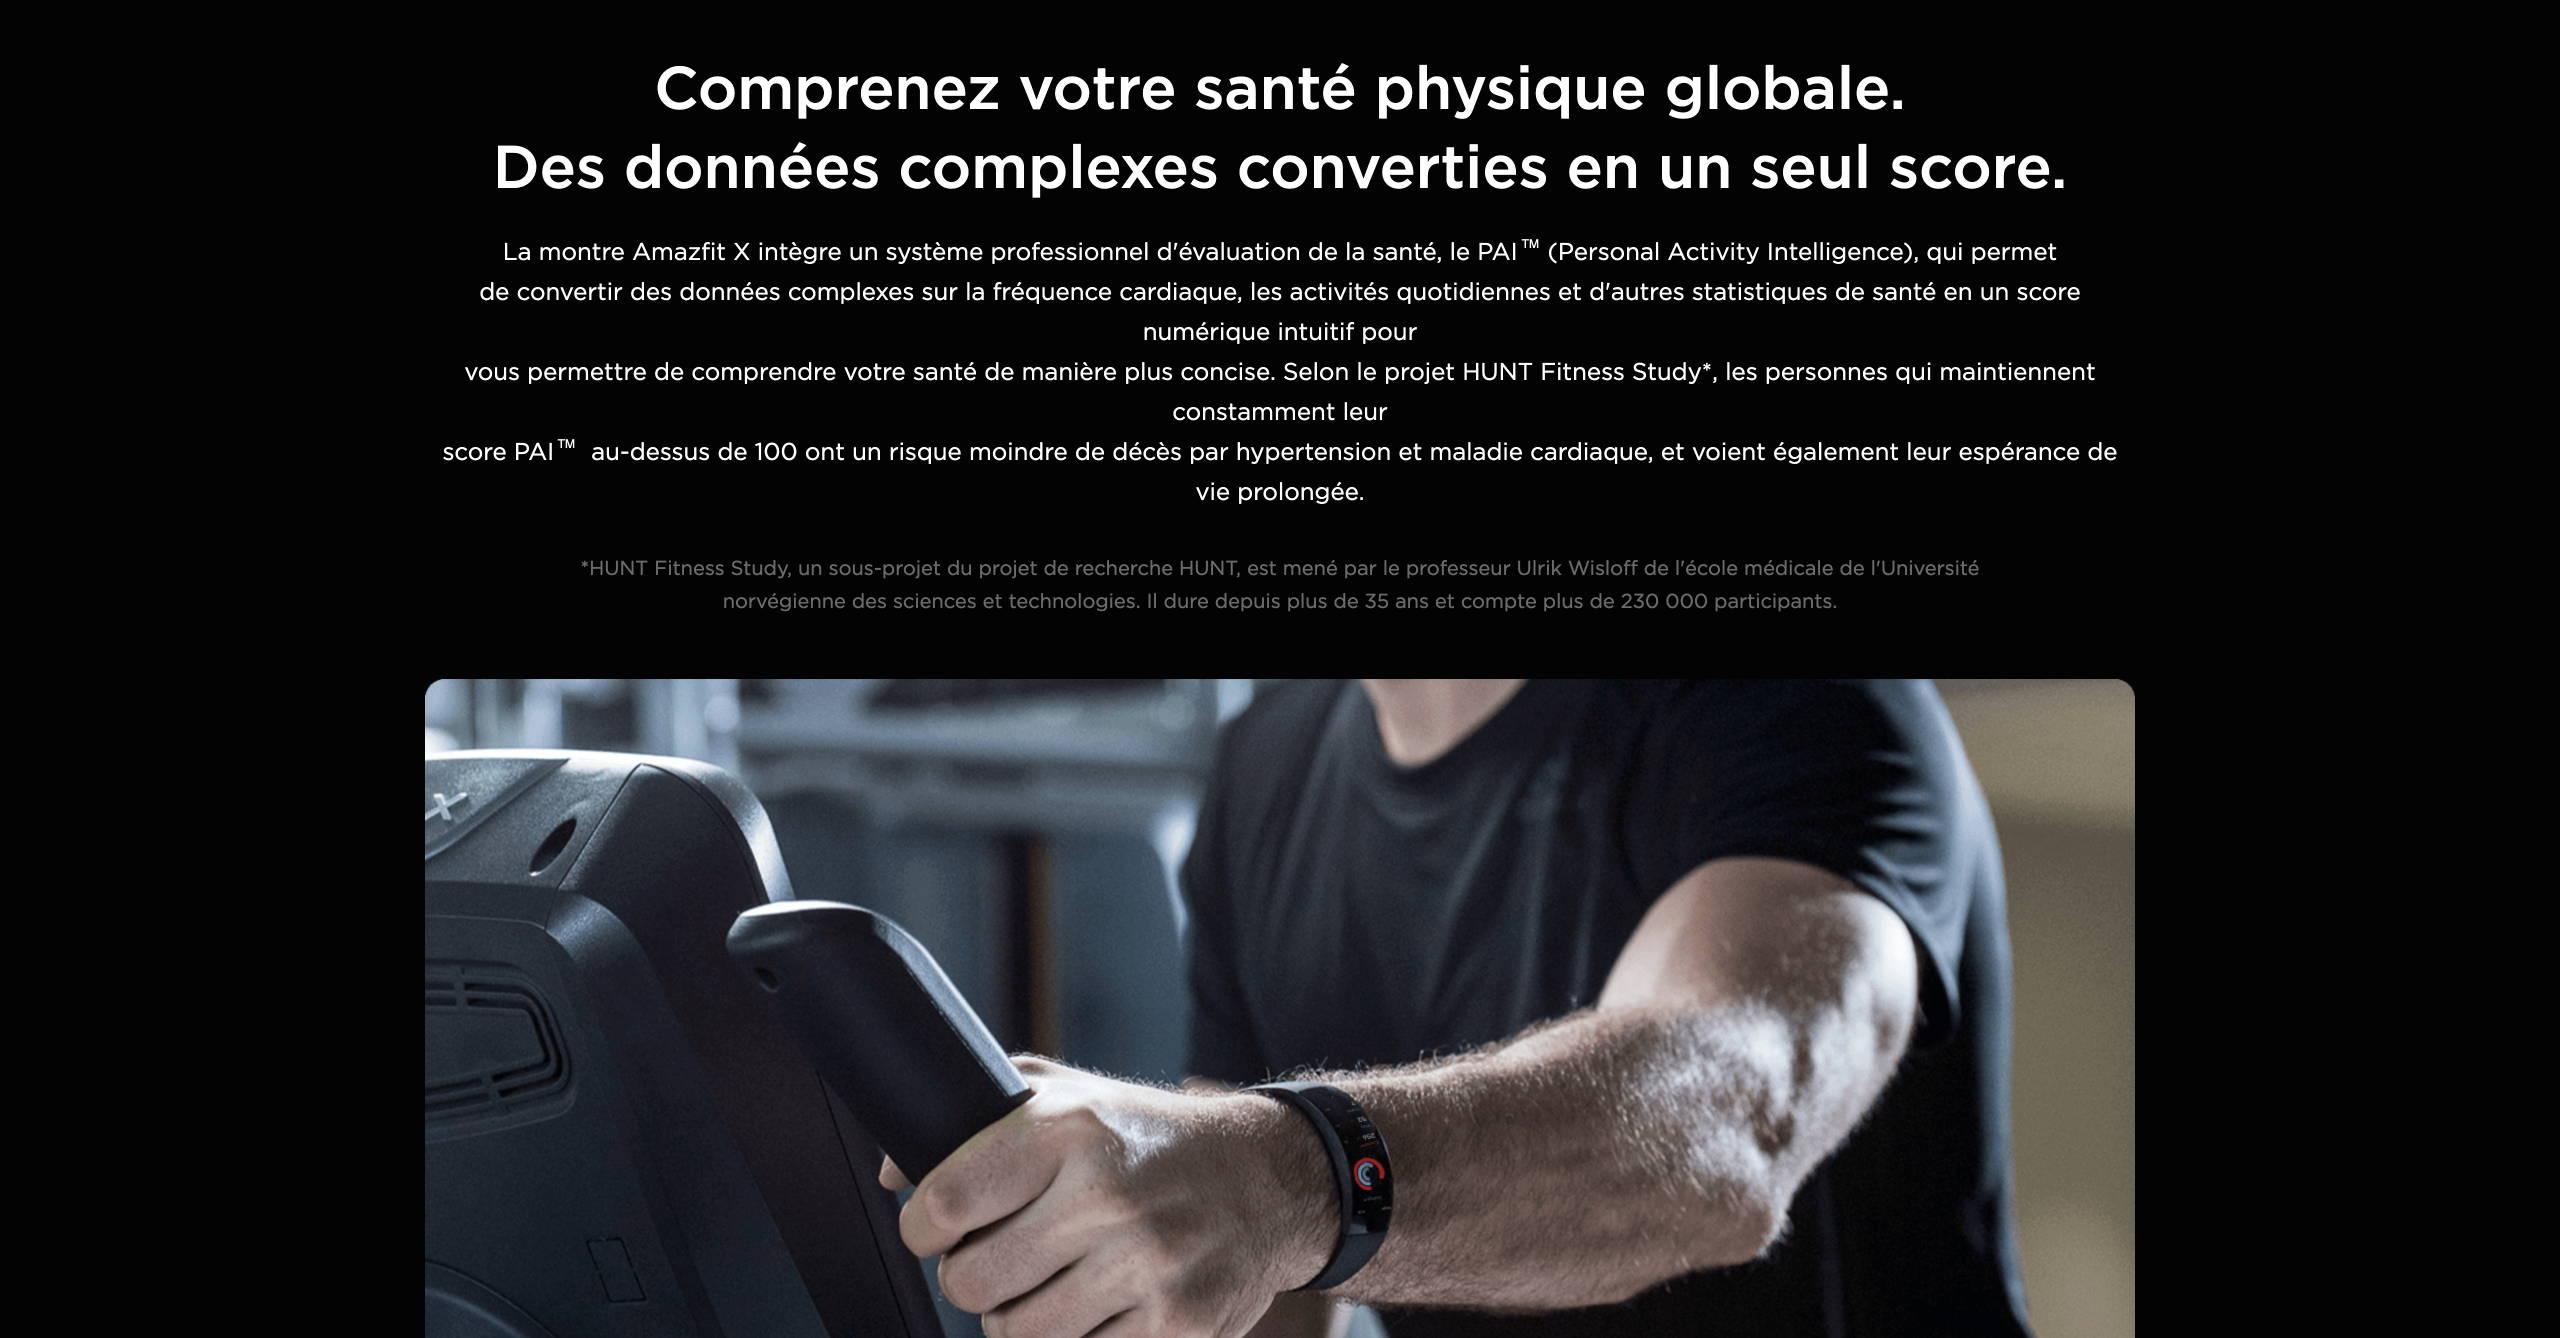 Amazfit X - Comprenez votre santé physique globale. Des données complexes converties en un seul score.